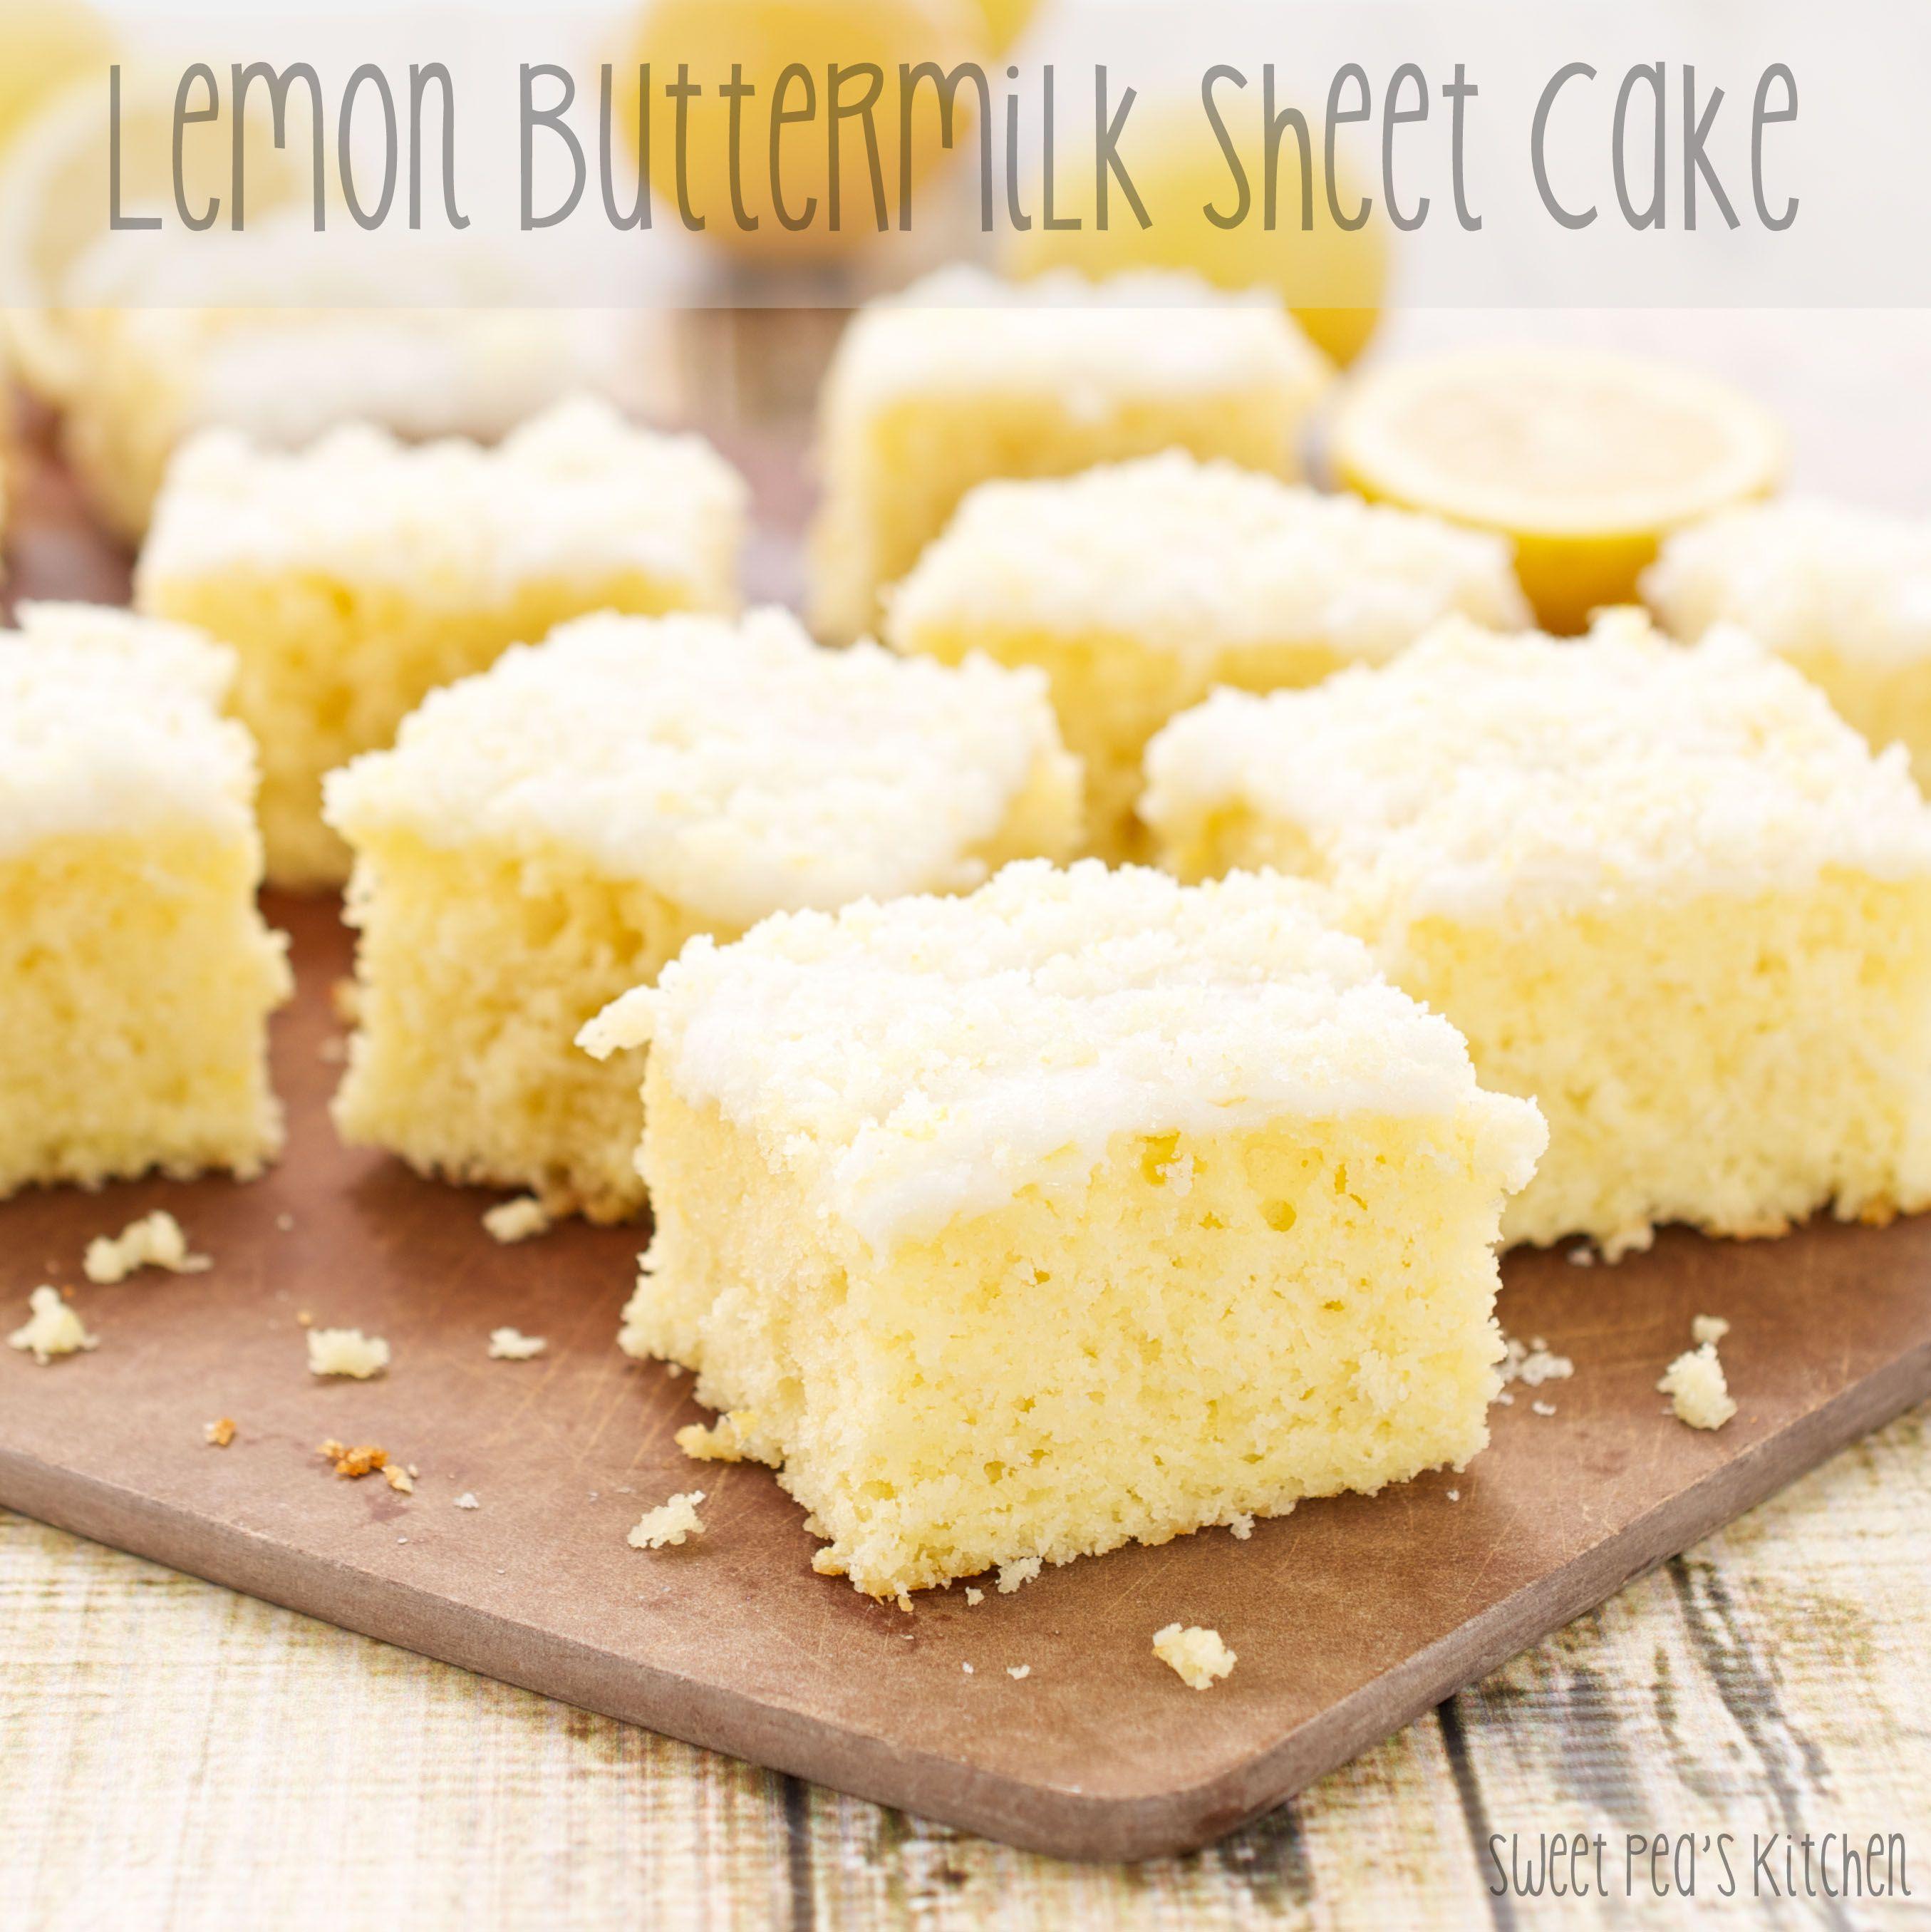 Easy Moist Lemon Cake Recipe Recipe Lemon Sheet Cake Recipe Moist Lemon Cake Recipe Easy Moist Lemon Cake